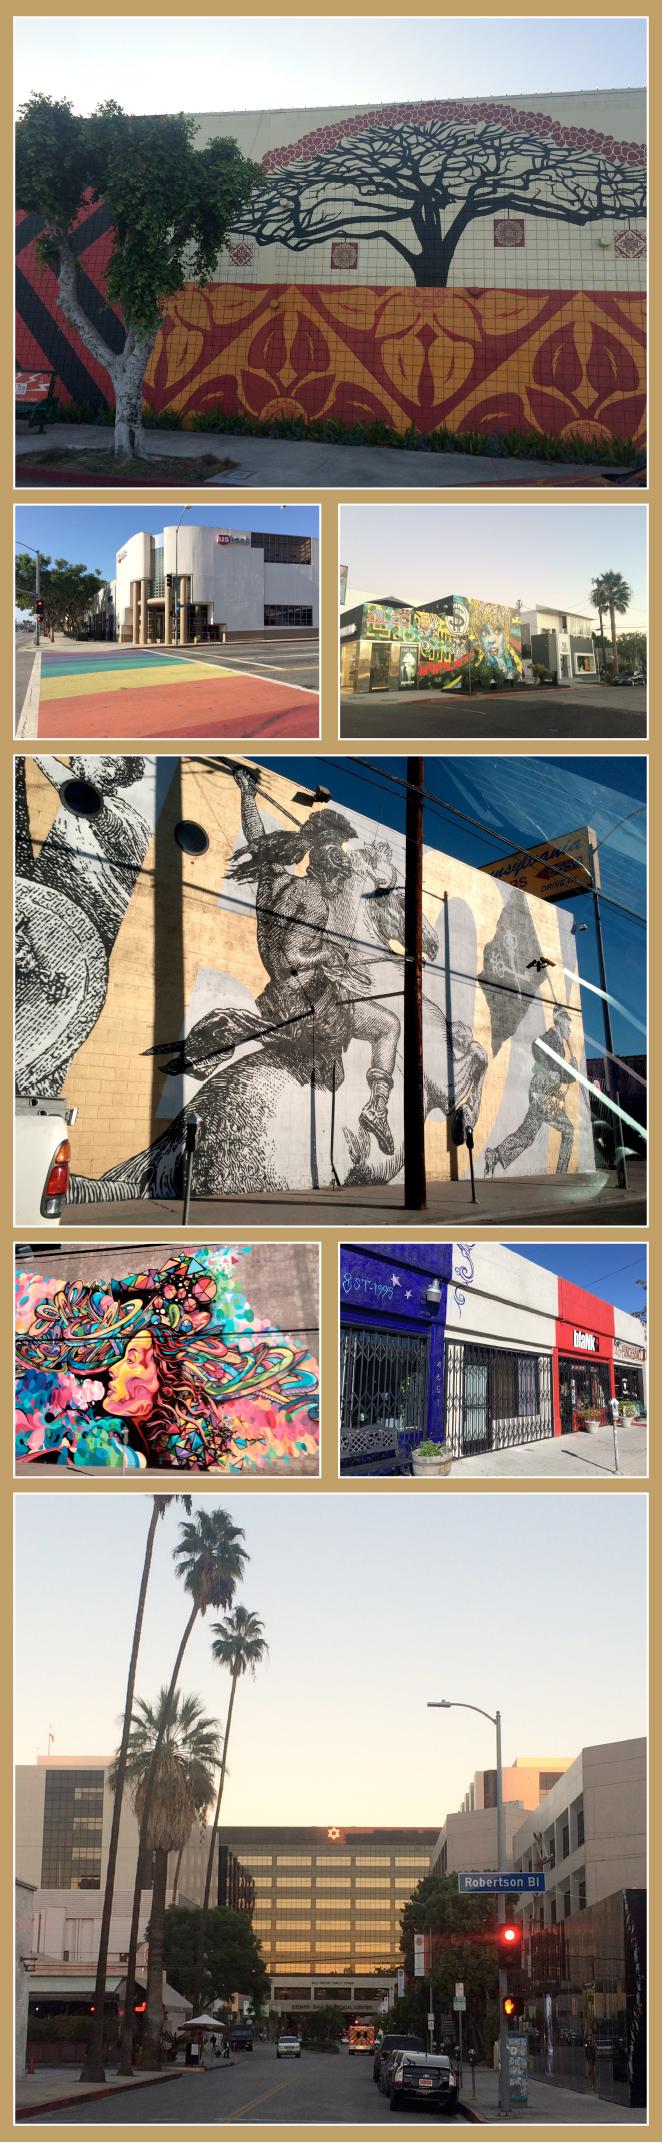 Y aquí os dejo algunas imágenes más que me llamaron la atención durante mis paseos por las enormes avenidas de Los Ángeles!!